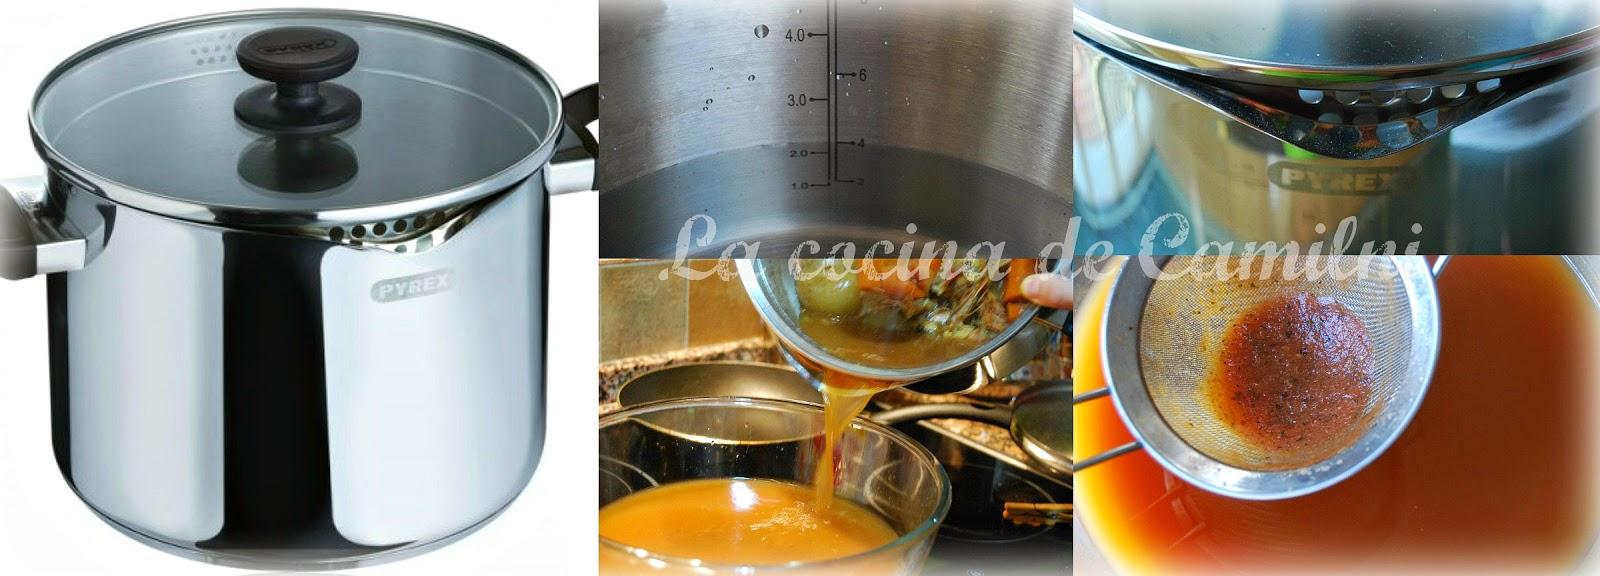 Arroz caldoso de cabracho y langostinos, a mi manera(La cocina de Camilni)